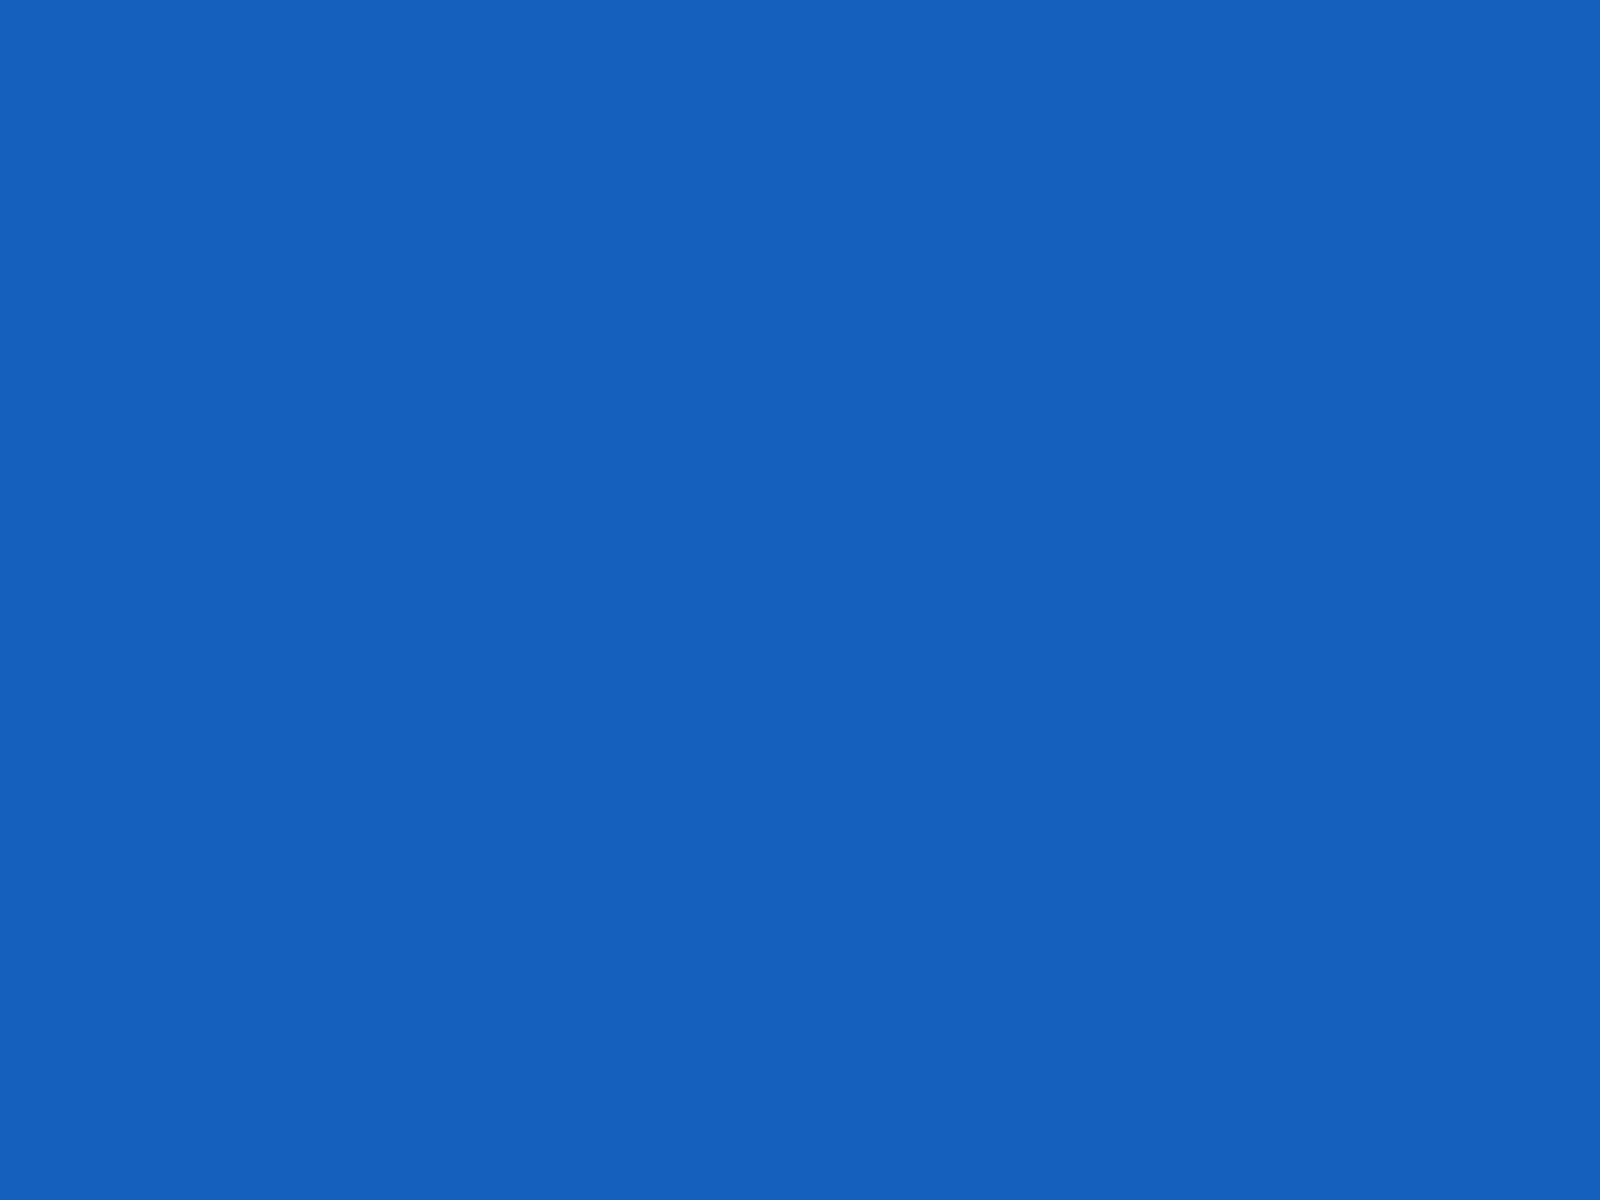 1600x1200 Denim Solid Color Background